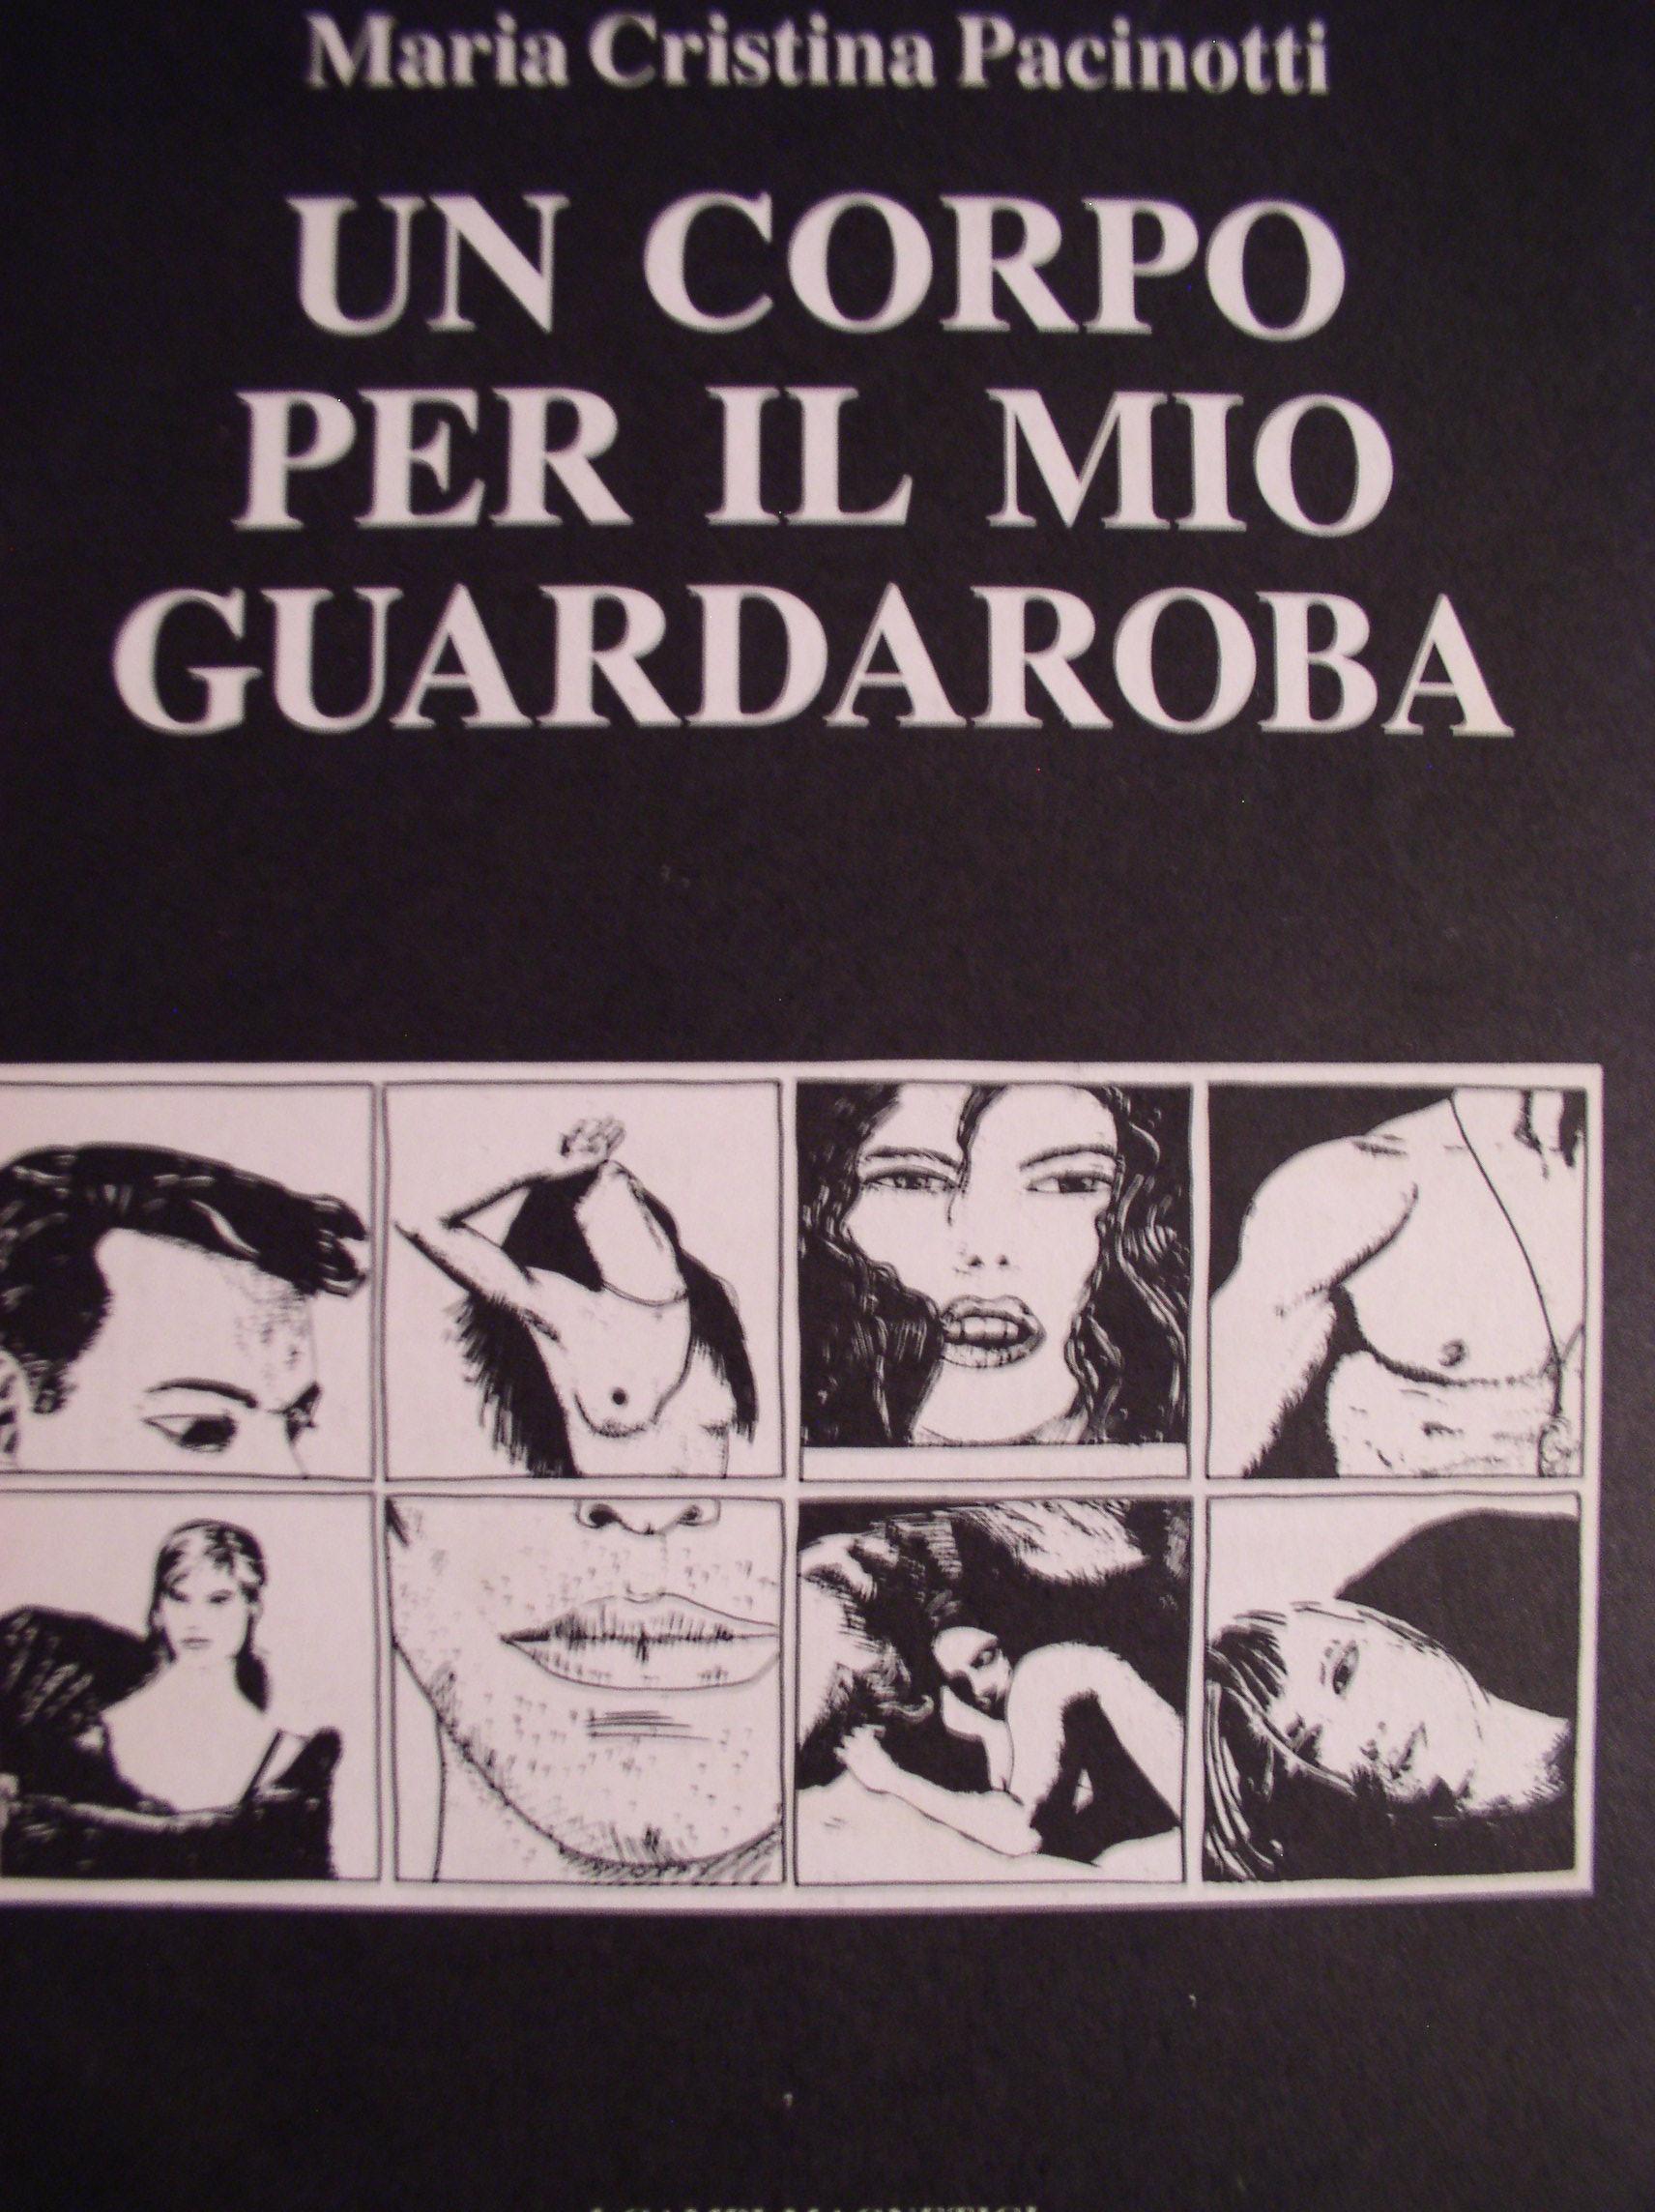 Il Mio Guardaroba.Un Corpo Per Il Mio Guardaroba Maria Cristina Pacinotti